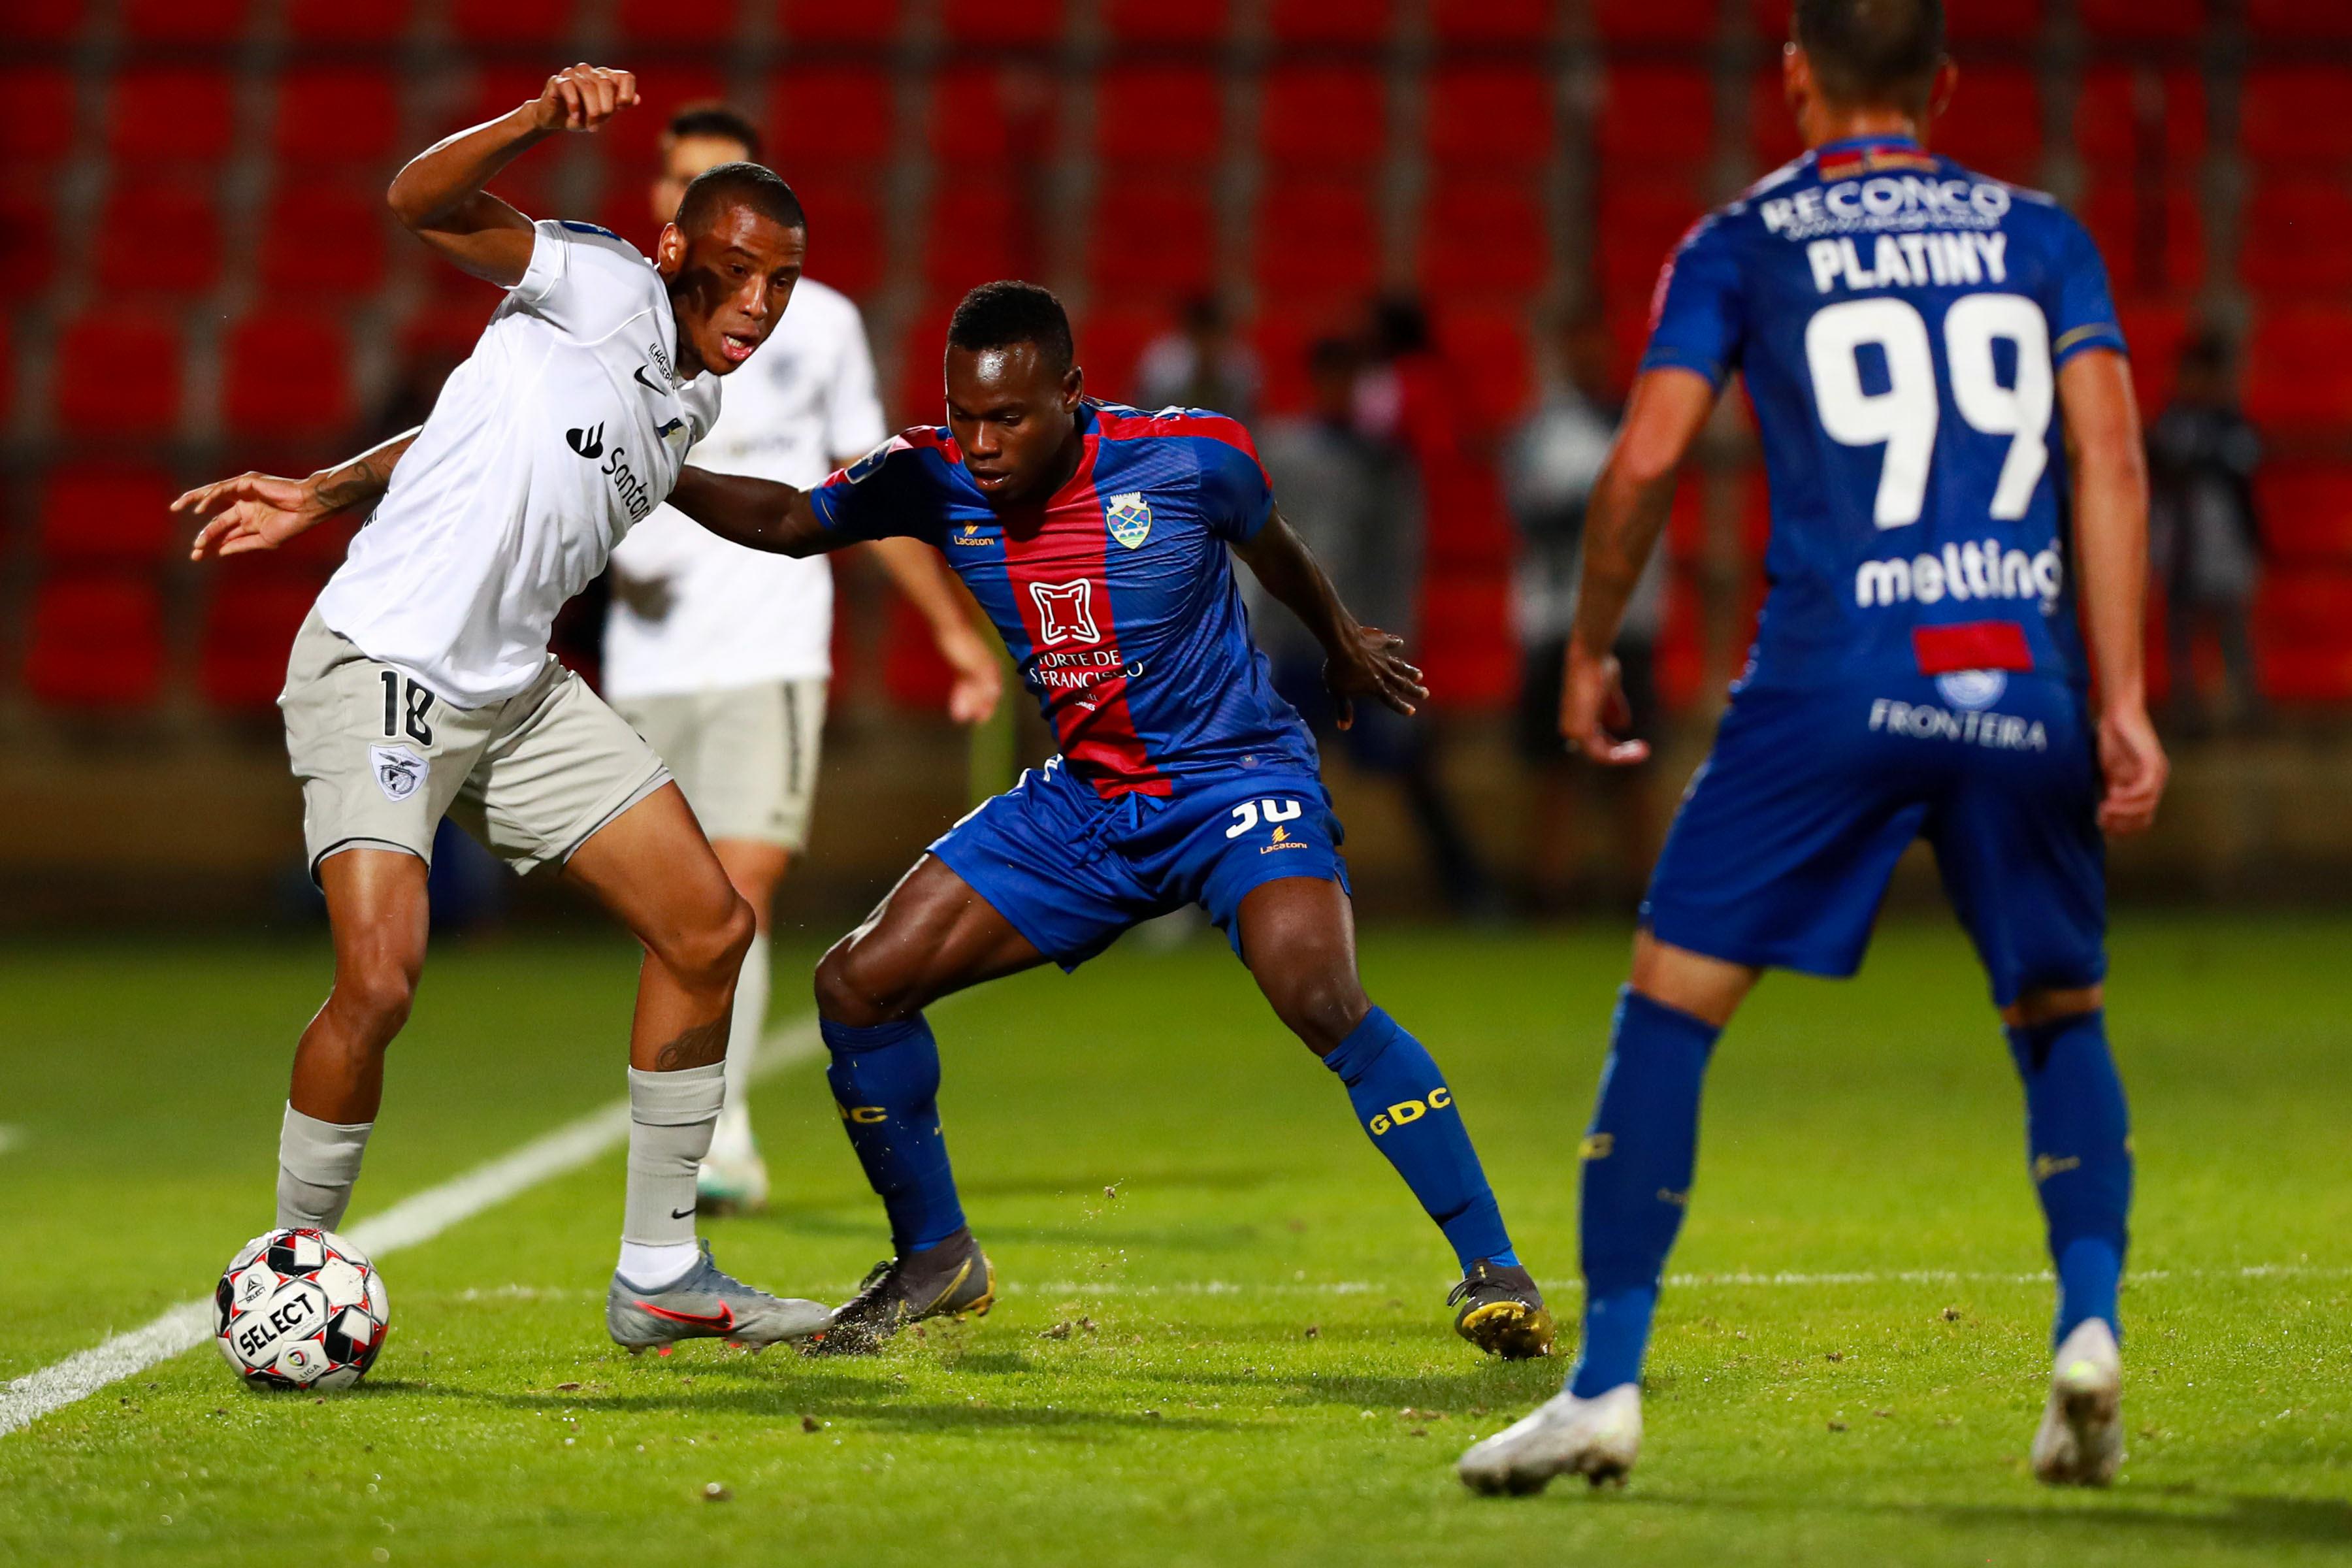 Covid-19: Desportivo de Chaves avança com 'lay-off' mas paga março na íntegra